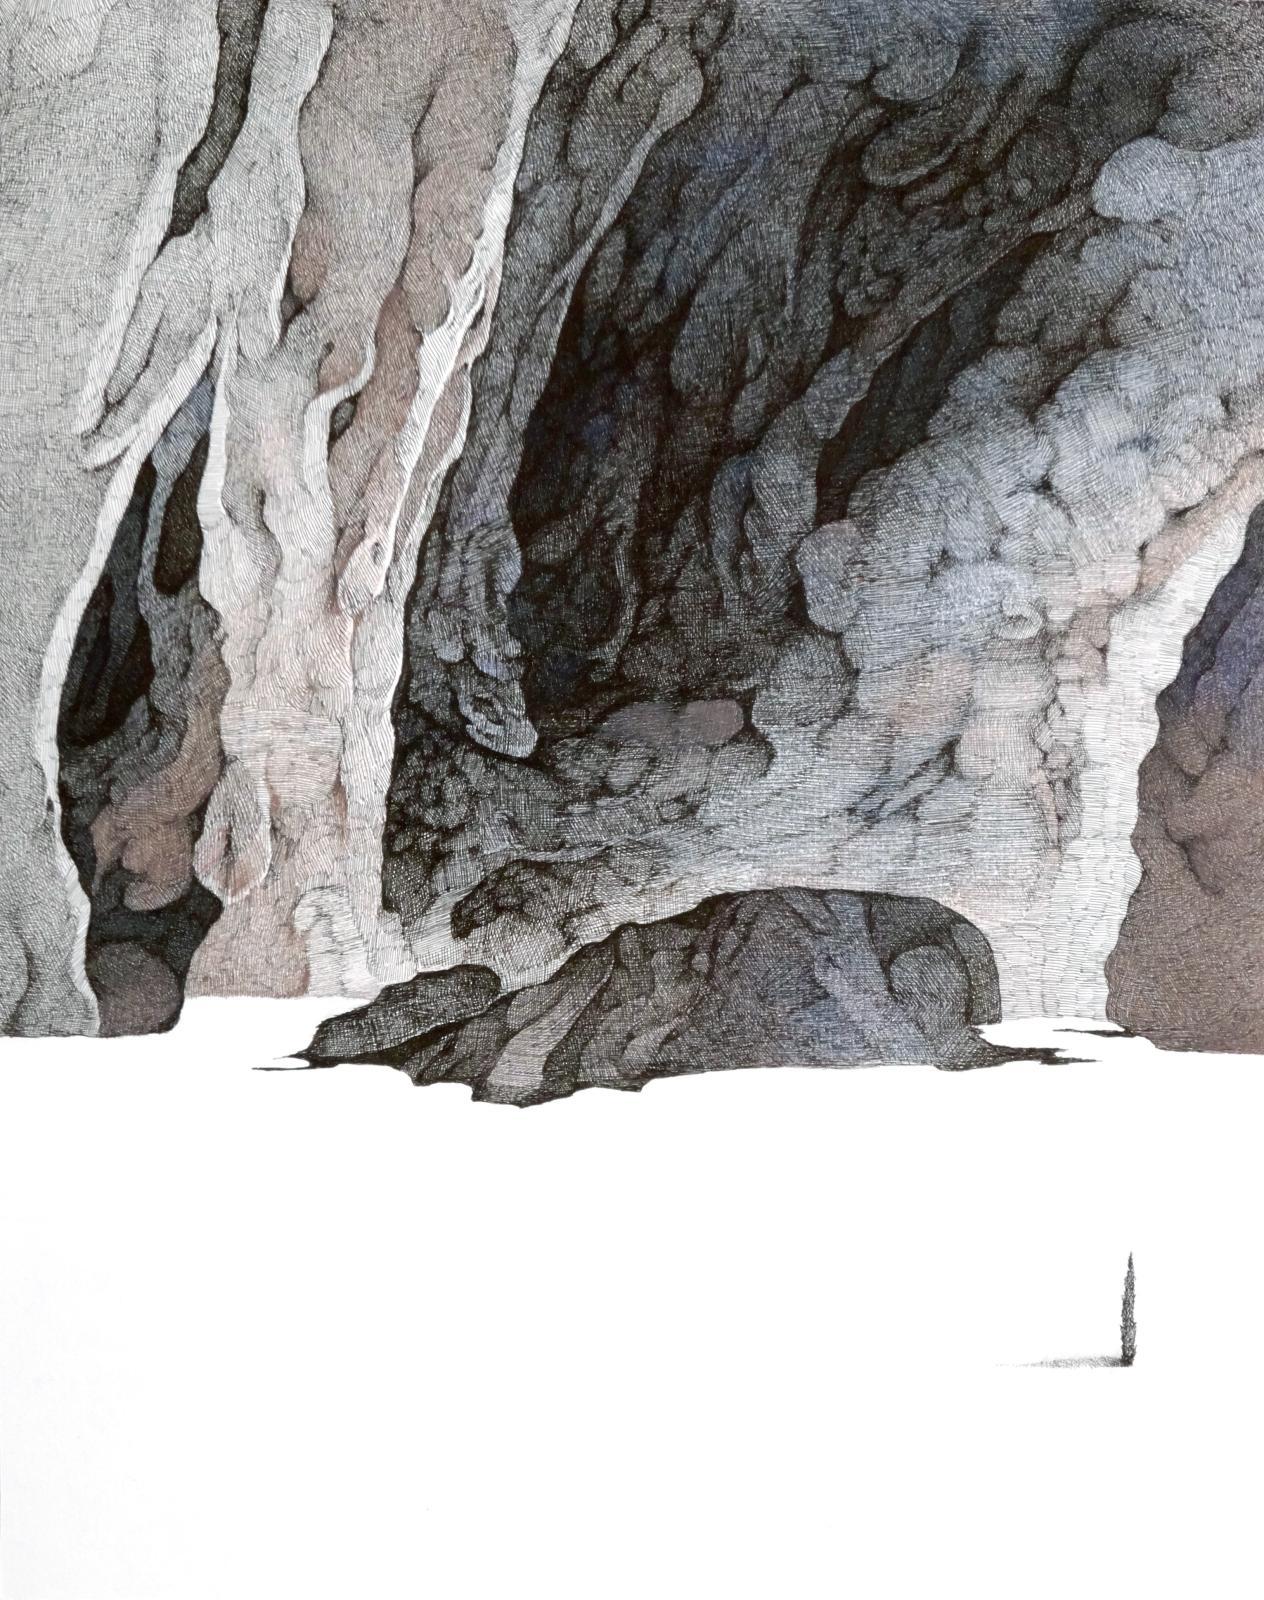 Min Jung-Yeon, Quinze jours sans boire K17070, 32x25,5cm, détail encre de Chine et crayon de couleur sur papier 2014.